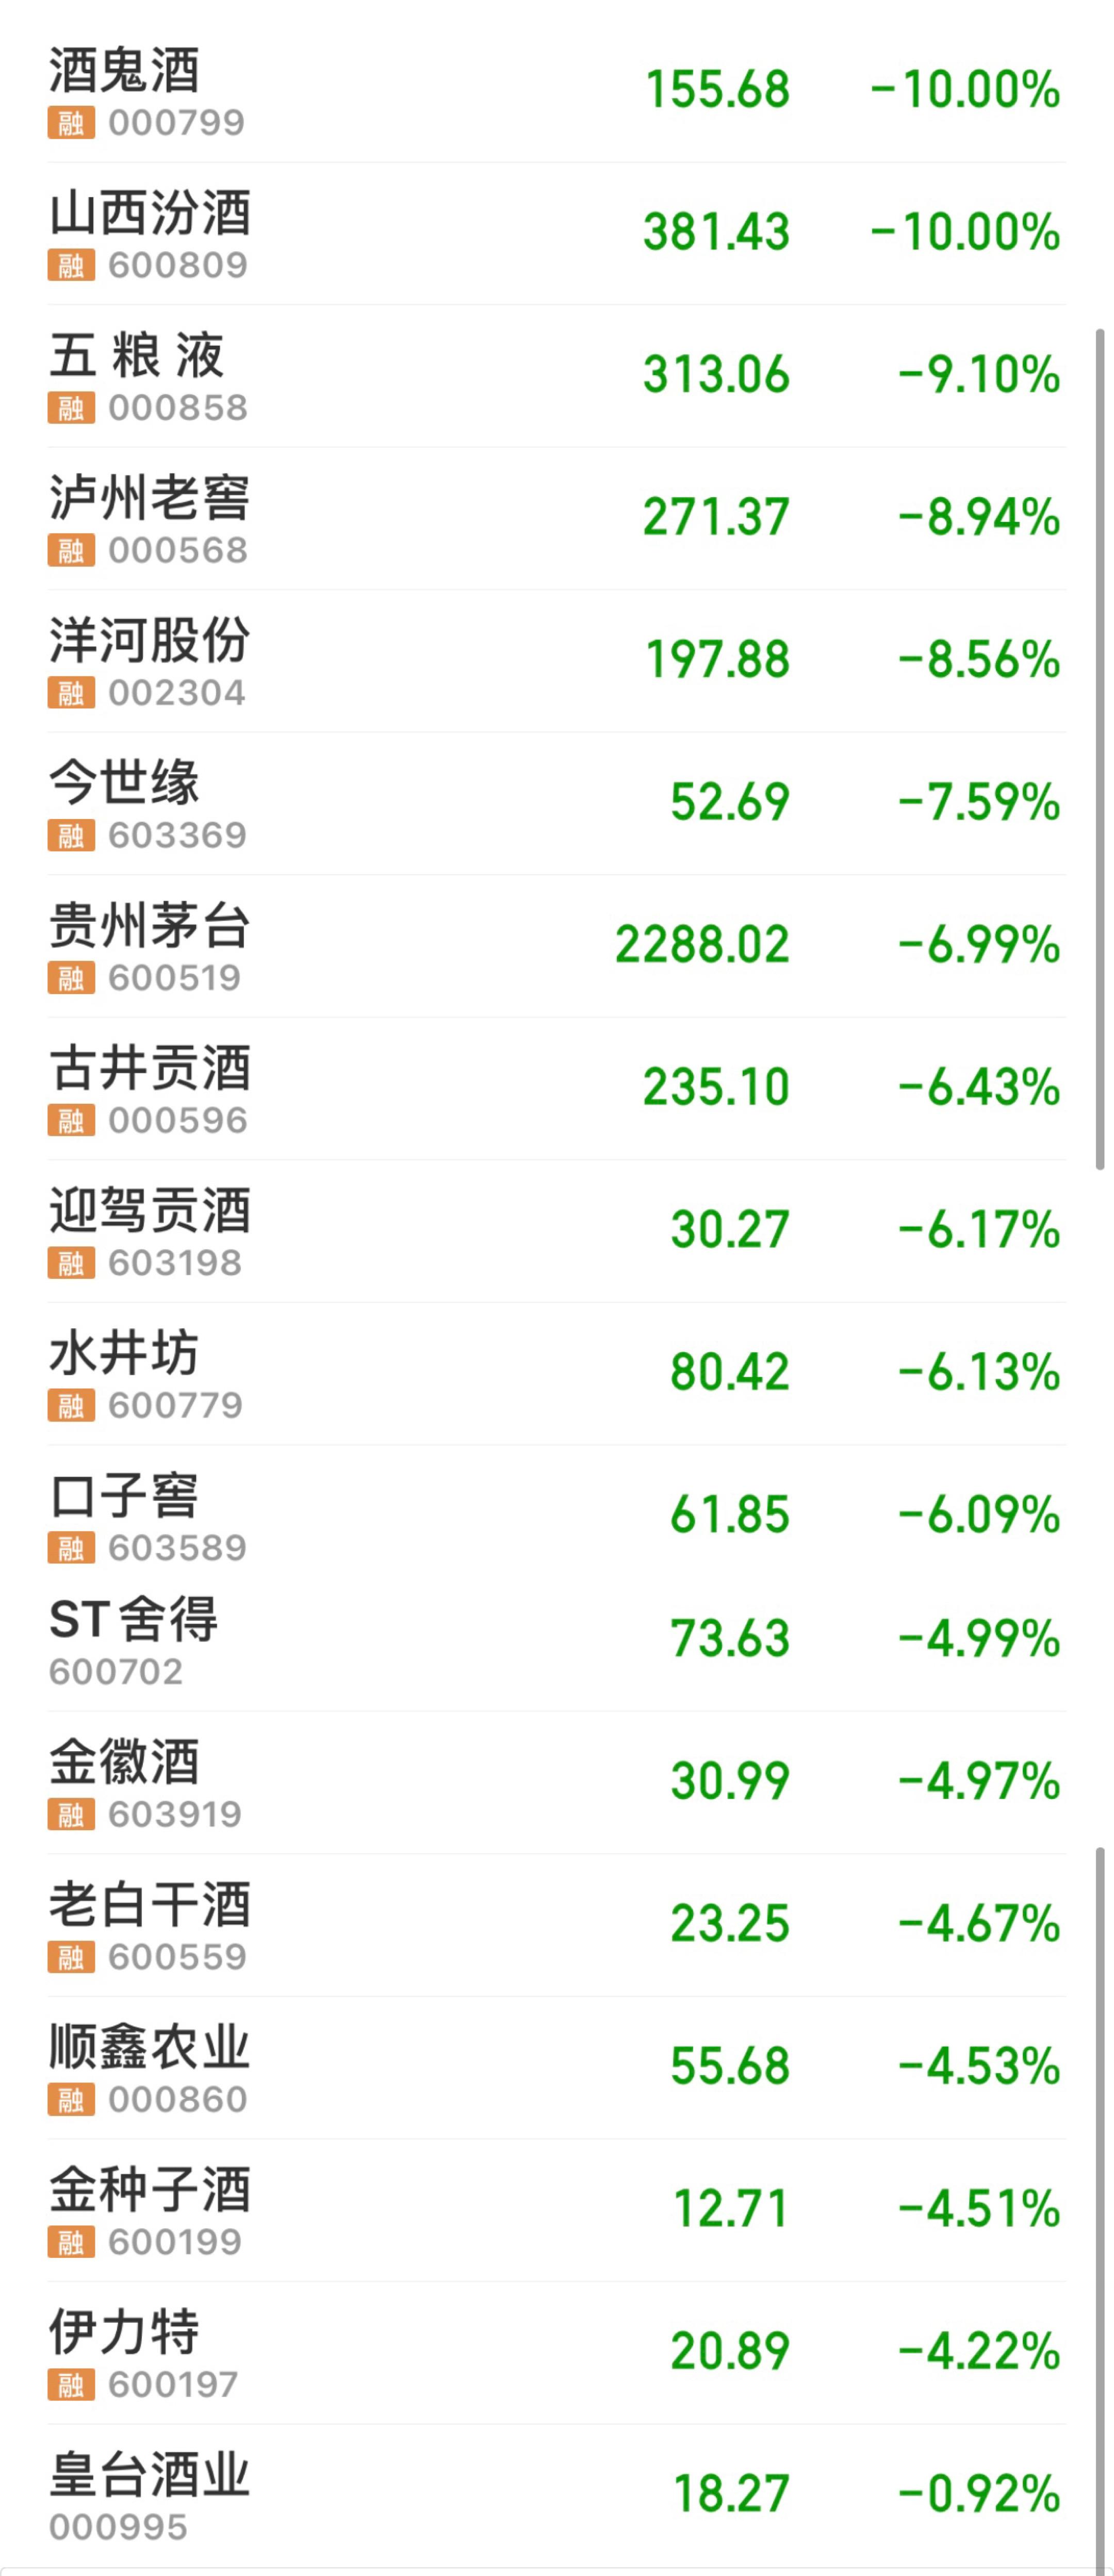 收评:白酒股全线暴跌 山西汾酒酒鬼酒跌停、贵州茅台跌上热搜